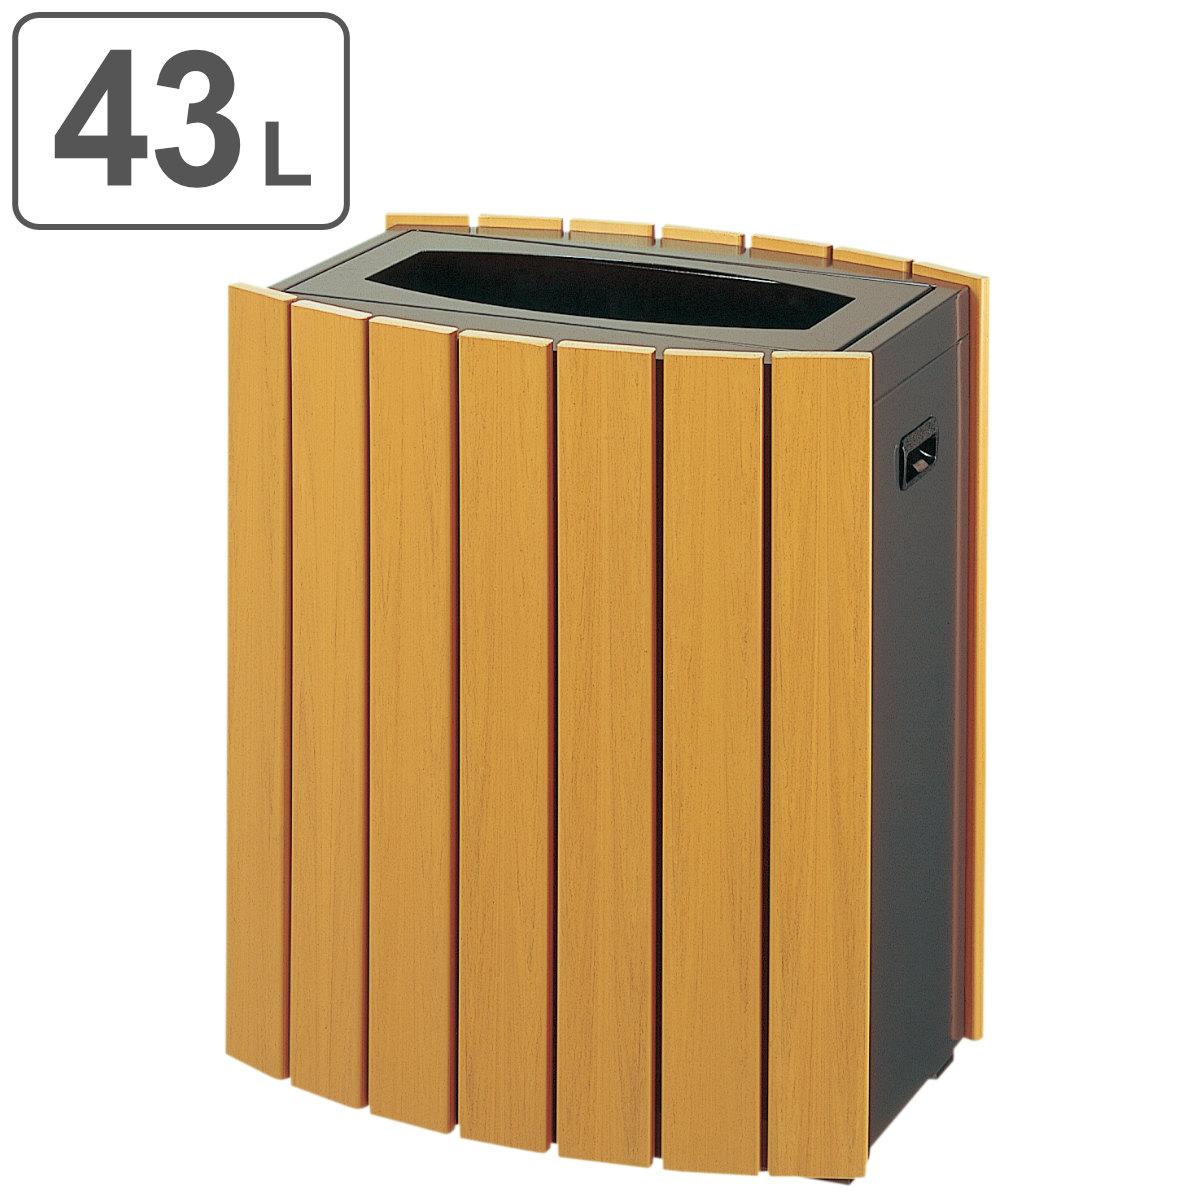 業務用ゴミ箱 木調 クリンボックス 43L 長穴タイプ ( 送料無料 ダストボックス ごみ箱 くず入れ )